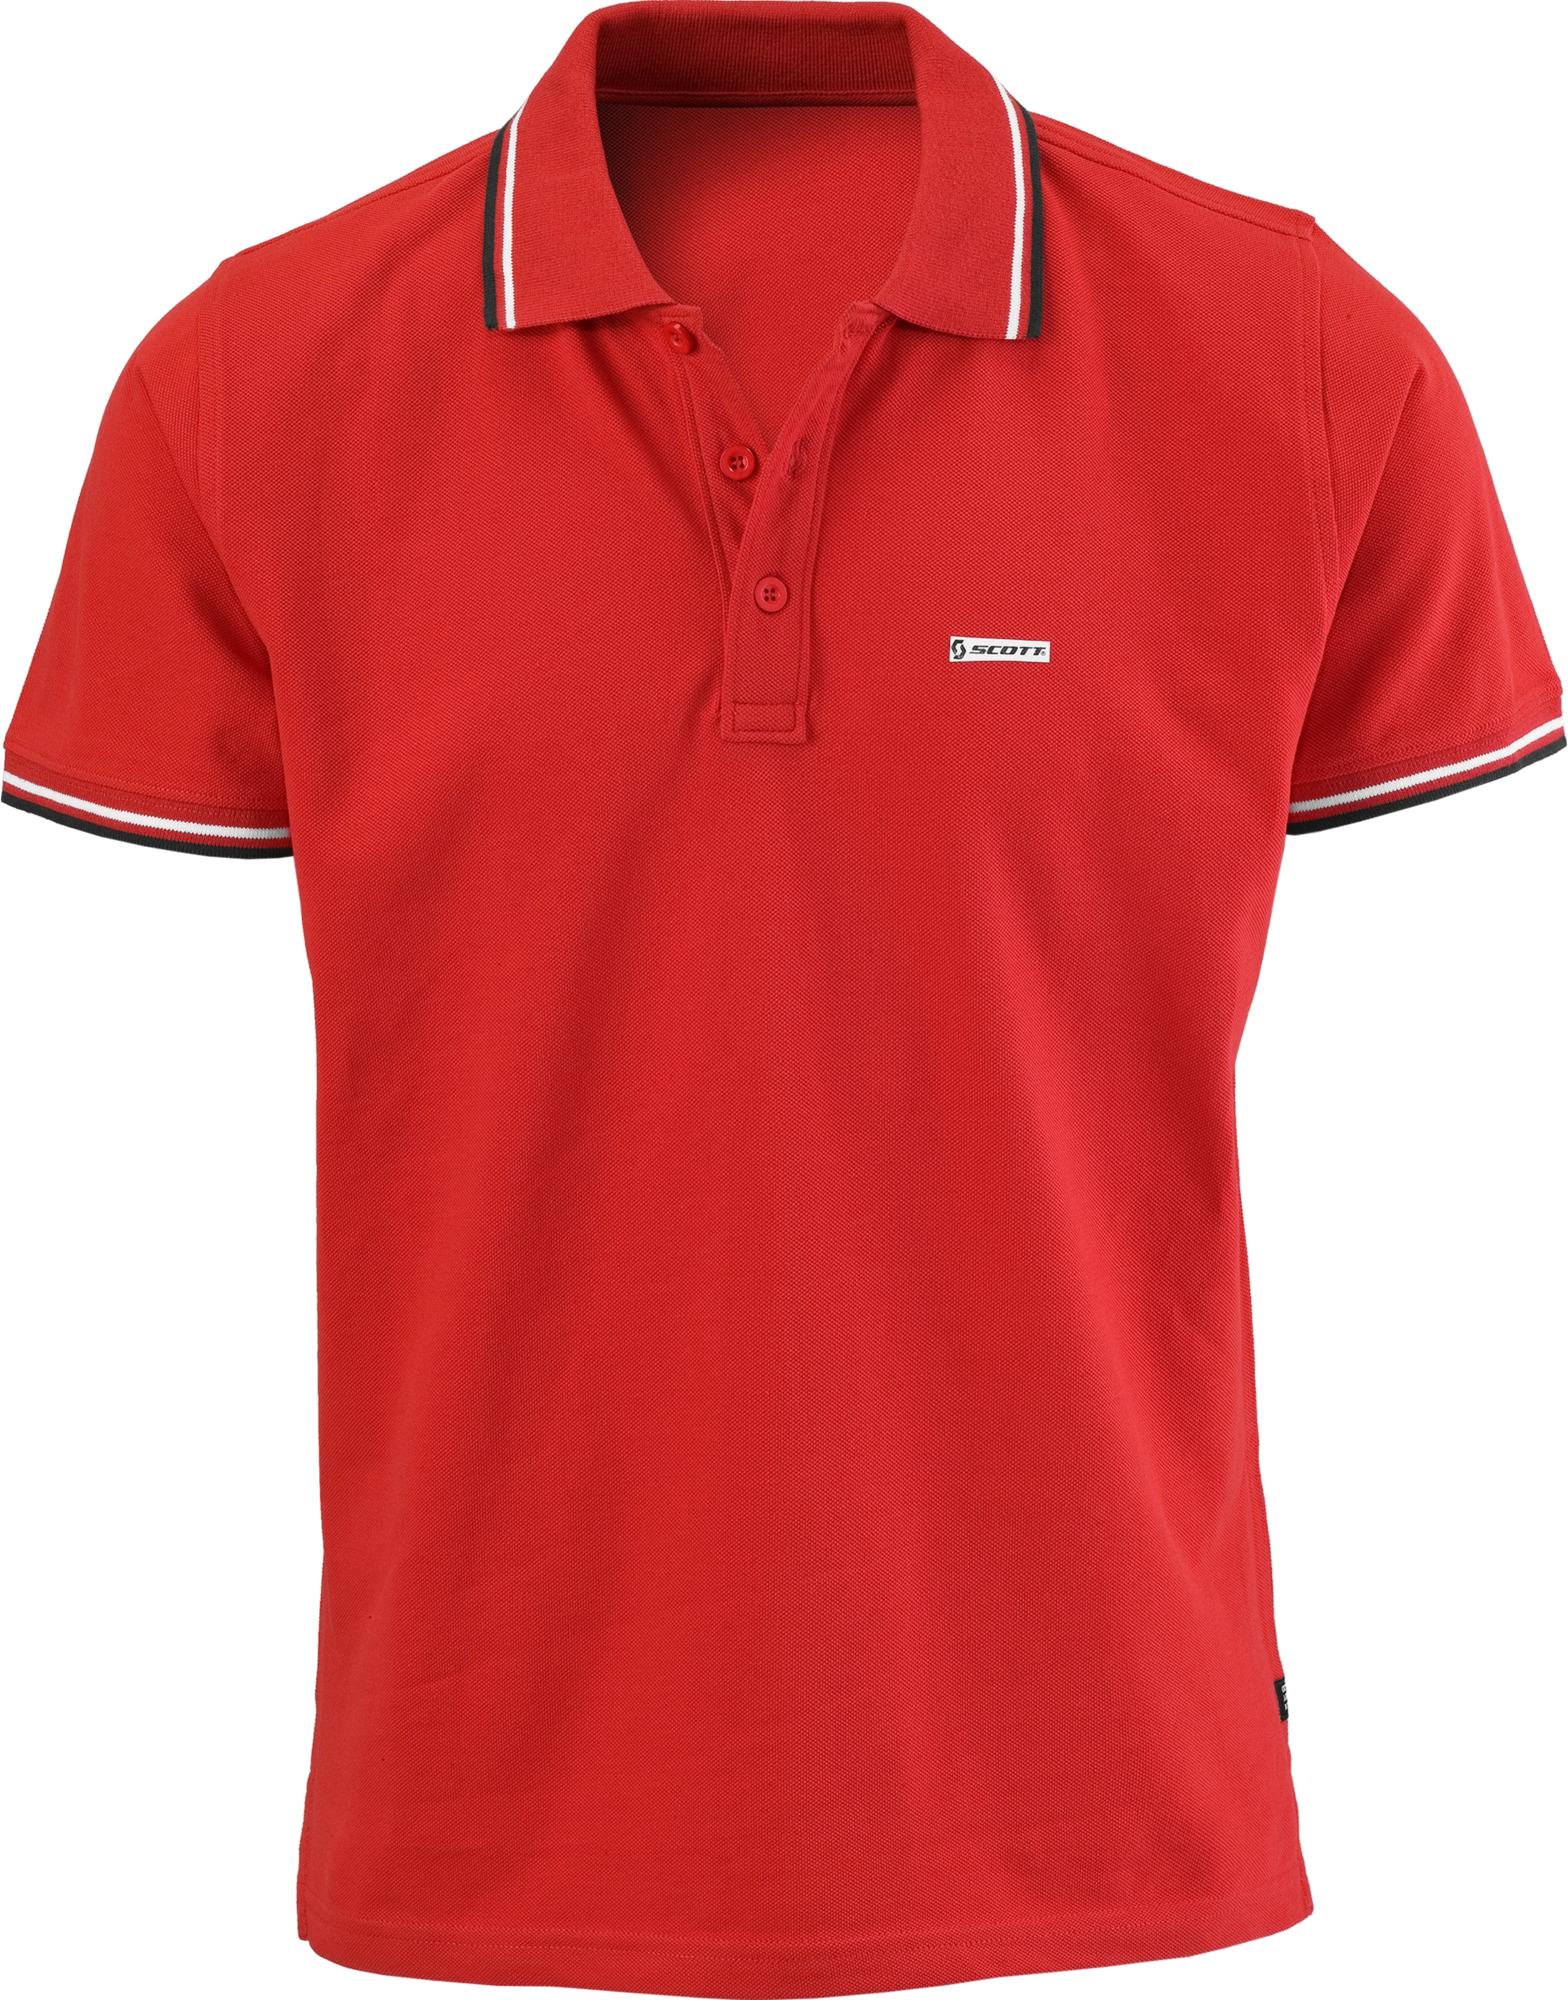 Red Men S Polo Shirt Polo Shirt Men S Polo Shirt Polo